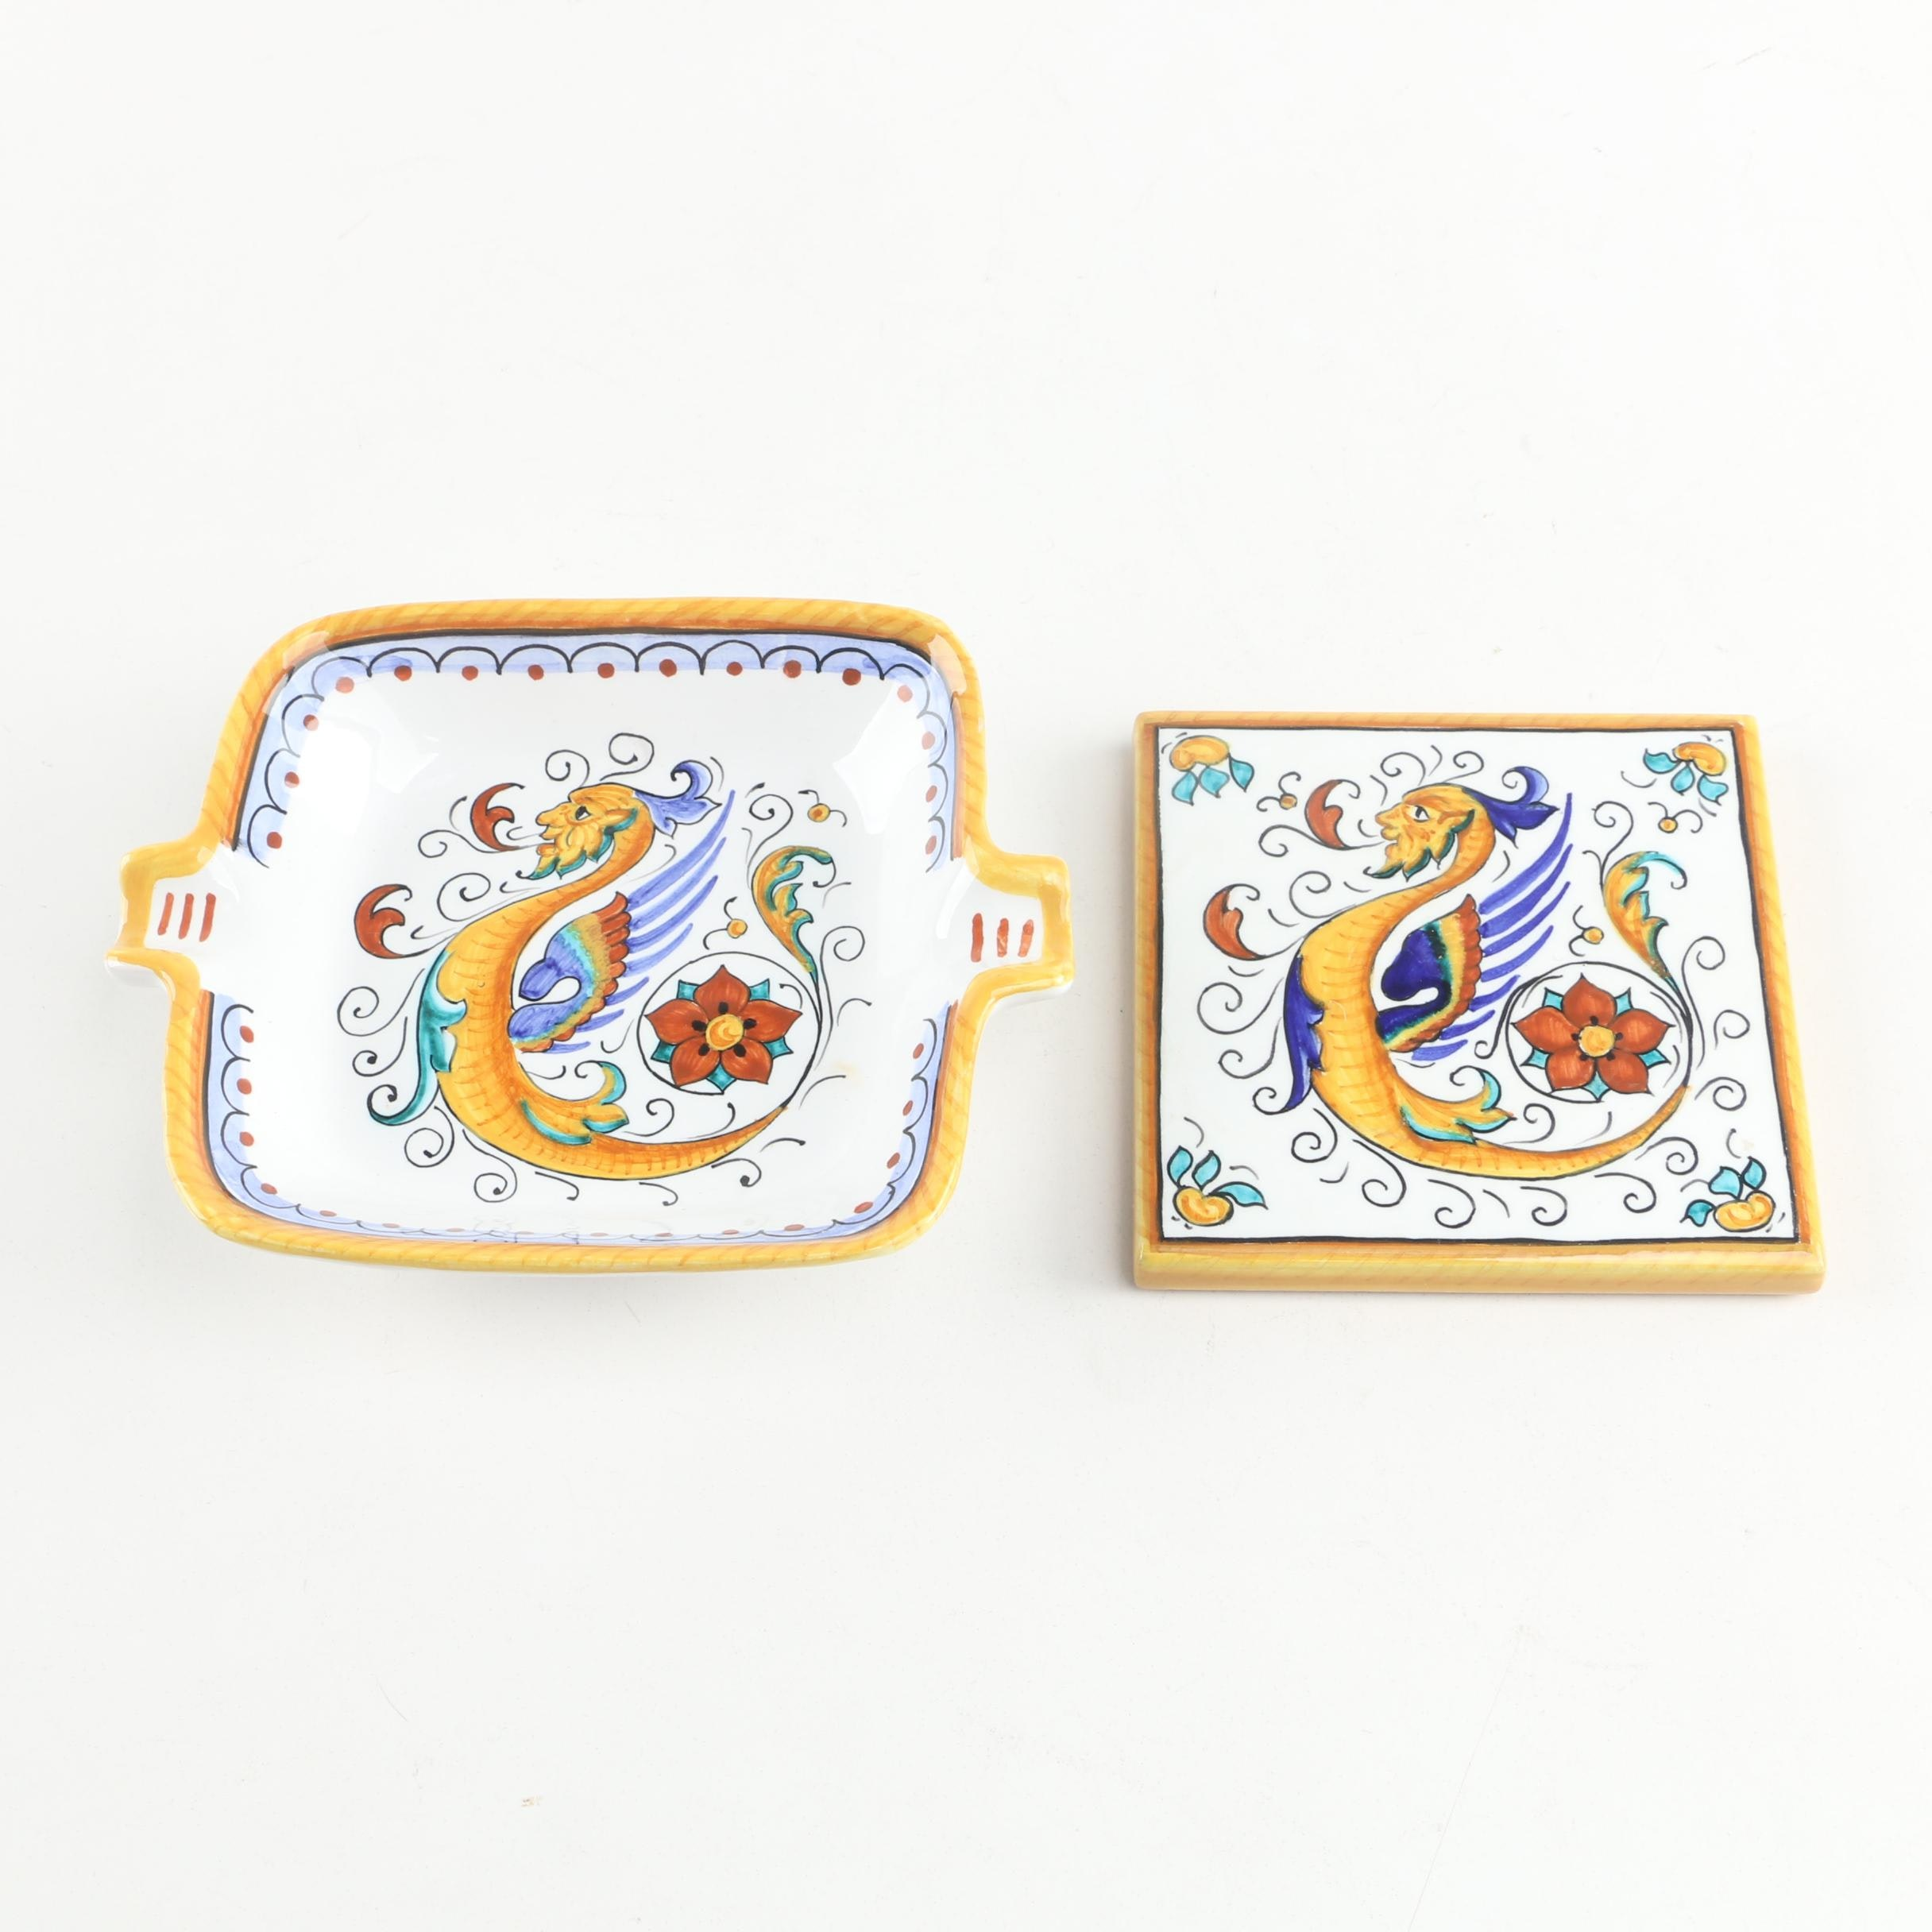 Grazia Deruta Raffellseco Italian Pottery Ash Receiver and Tile